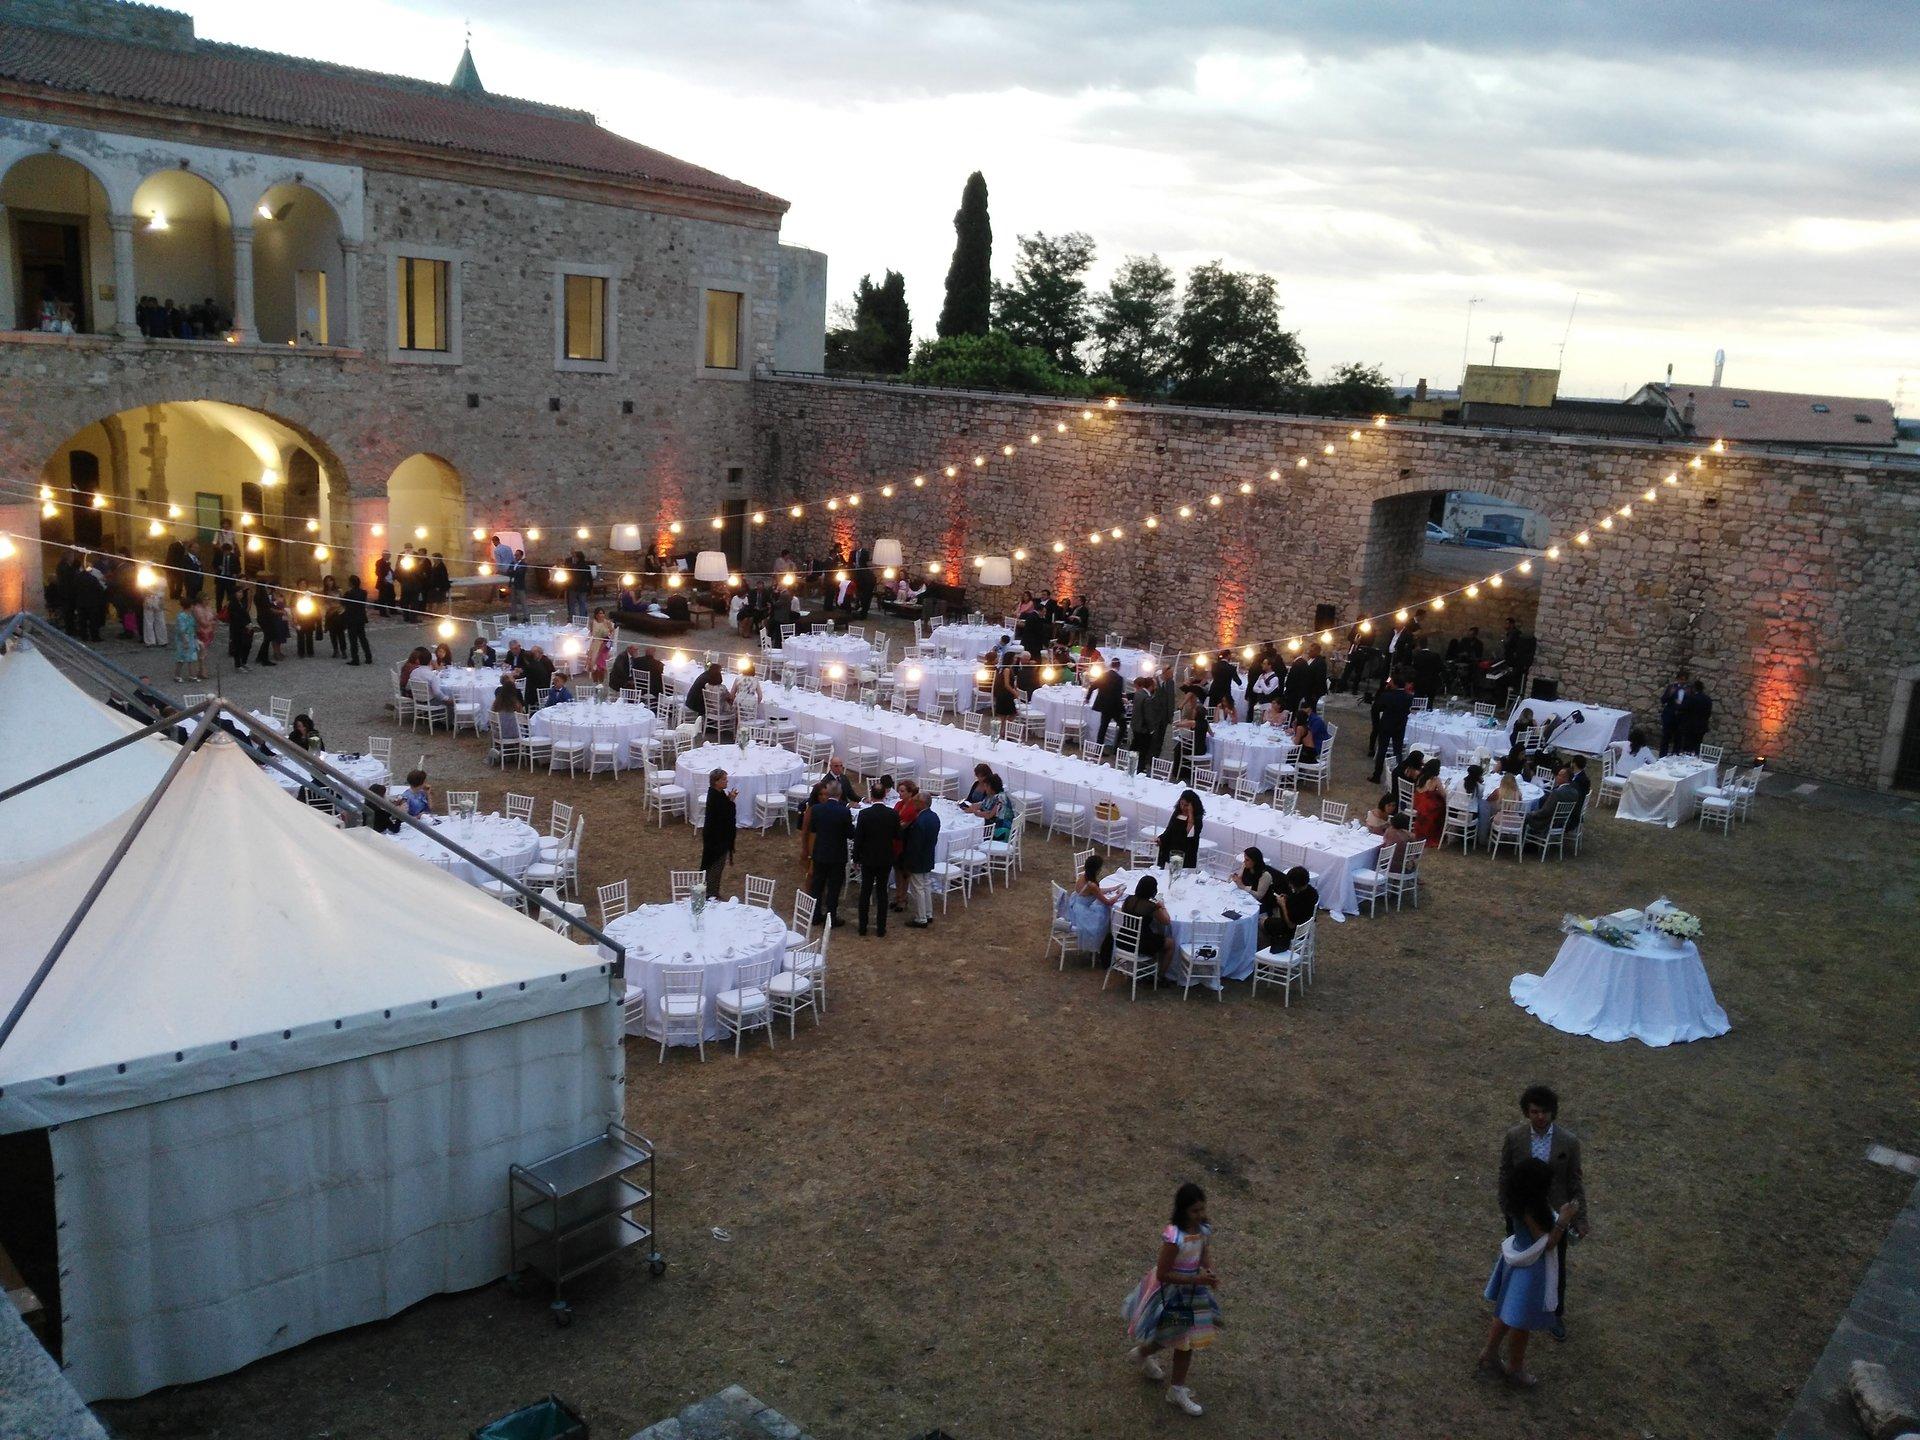 tavoli con vettovaglie bianche e luci a celebrazione di un matrimonio